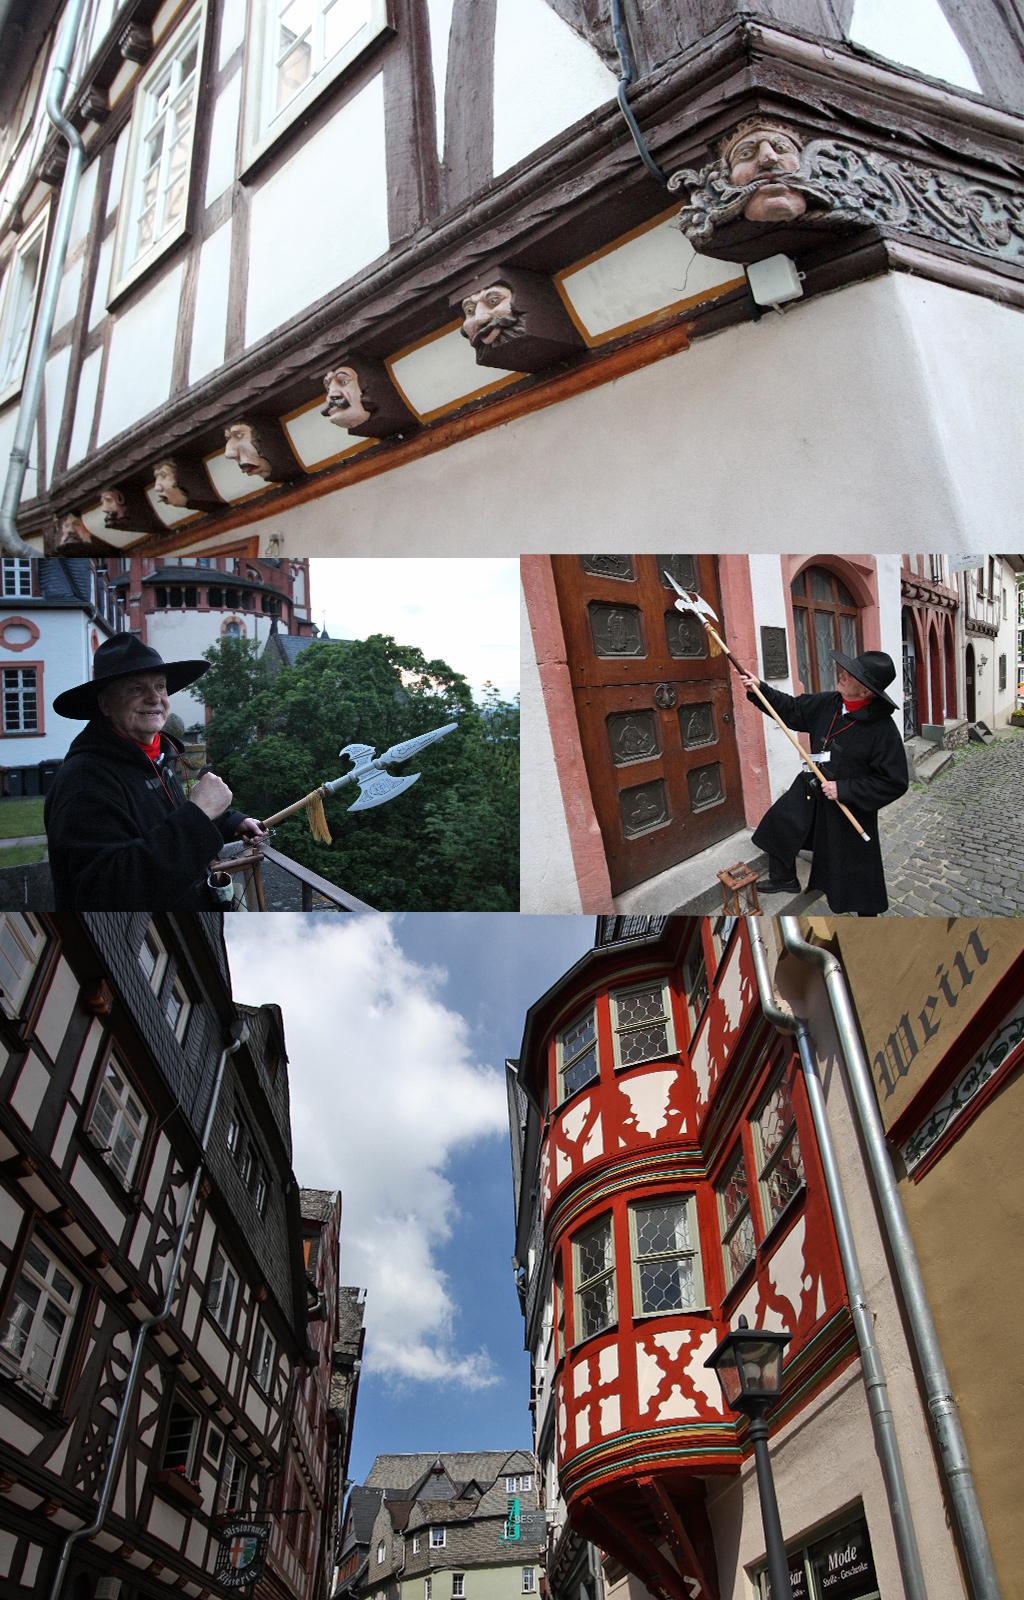 details Middeleeuwse huizen Limburg an der Lahn